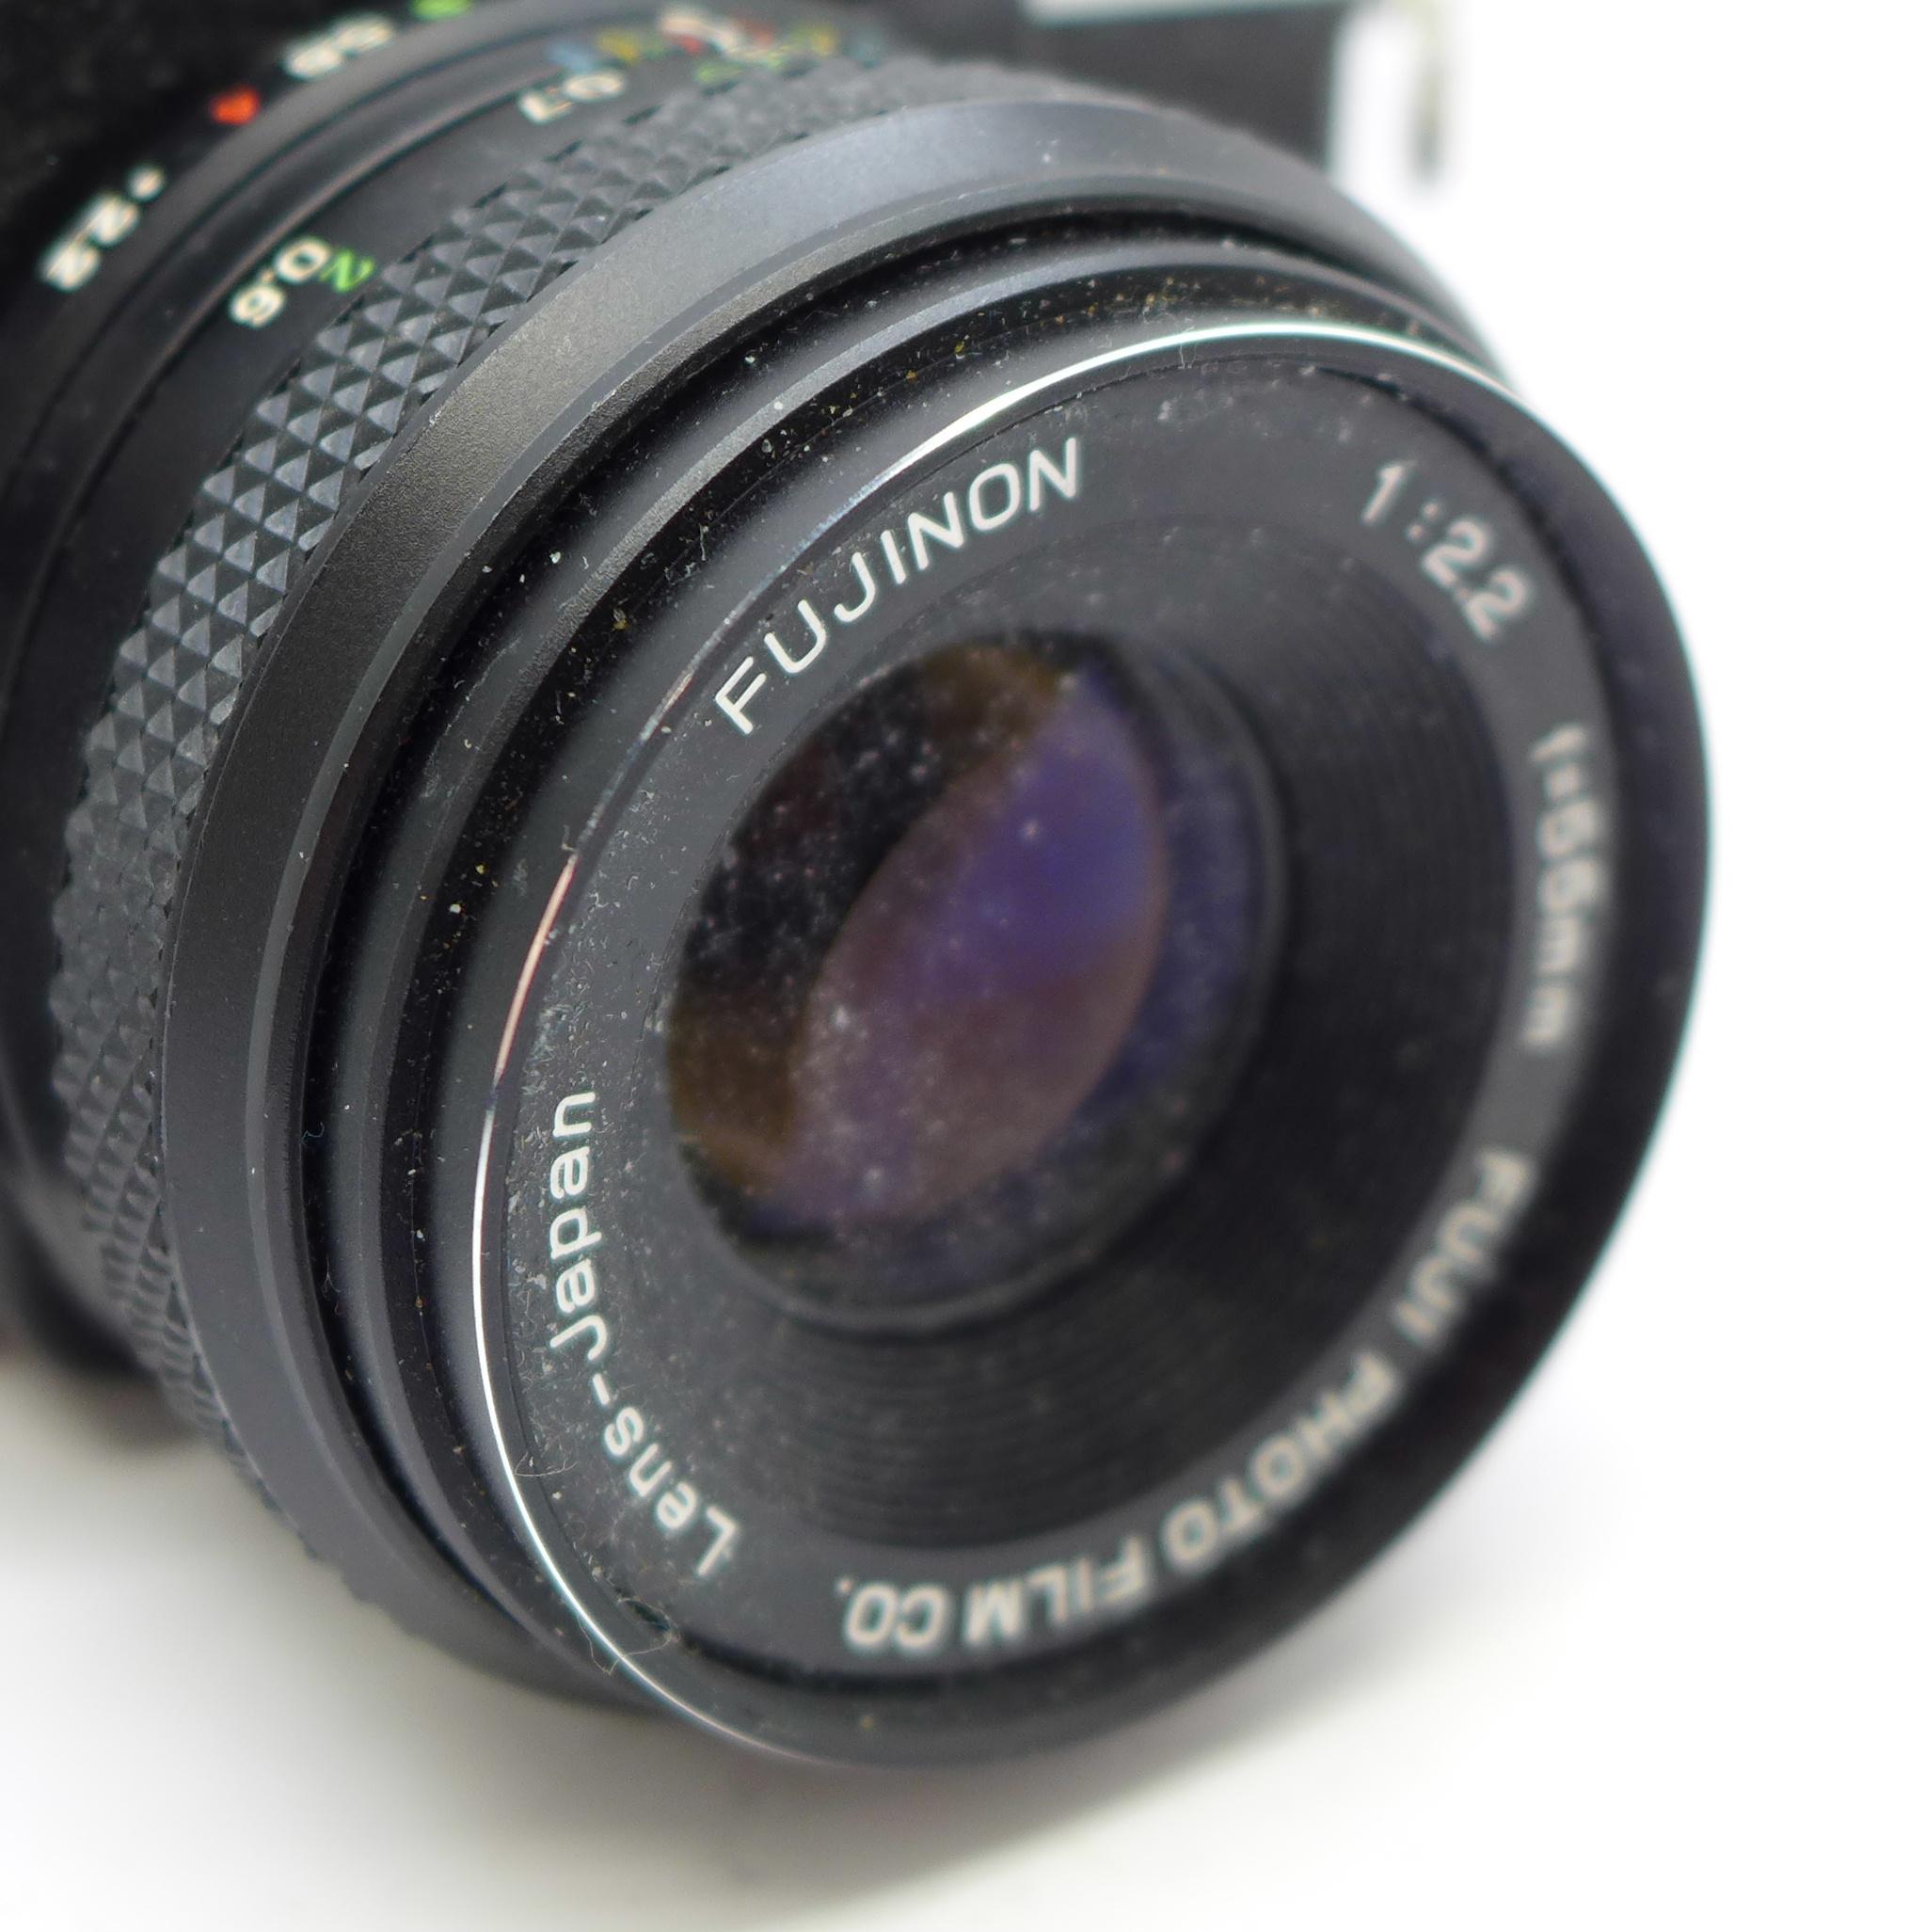 Lot 632 - A Fujica ST605 camera with Fujinon 55mm f2.